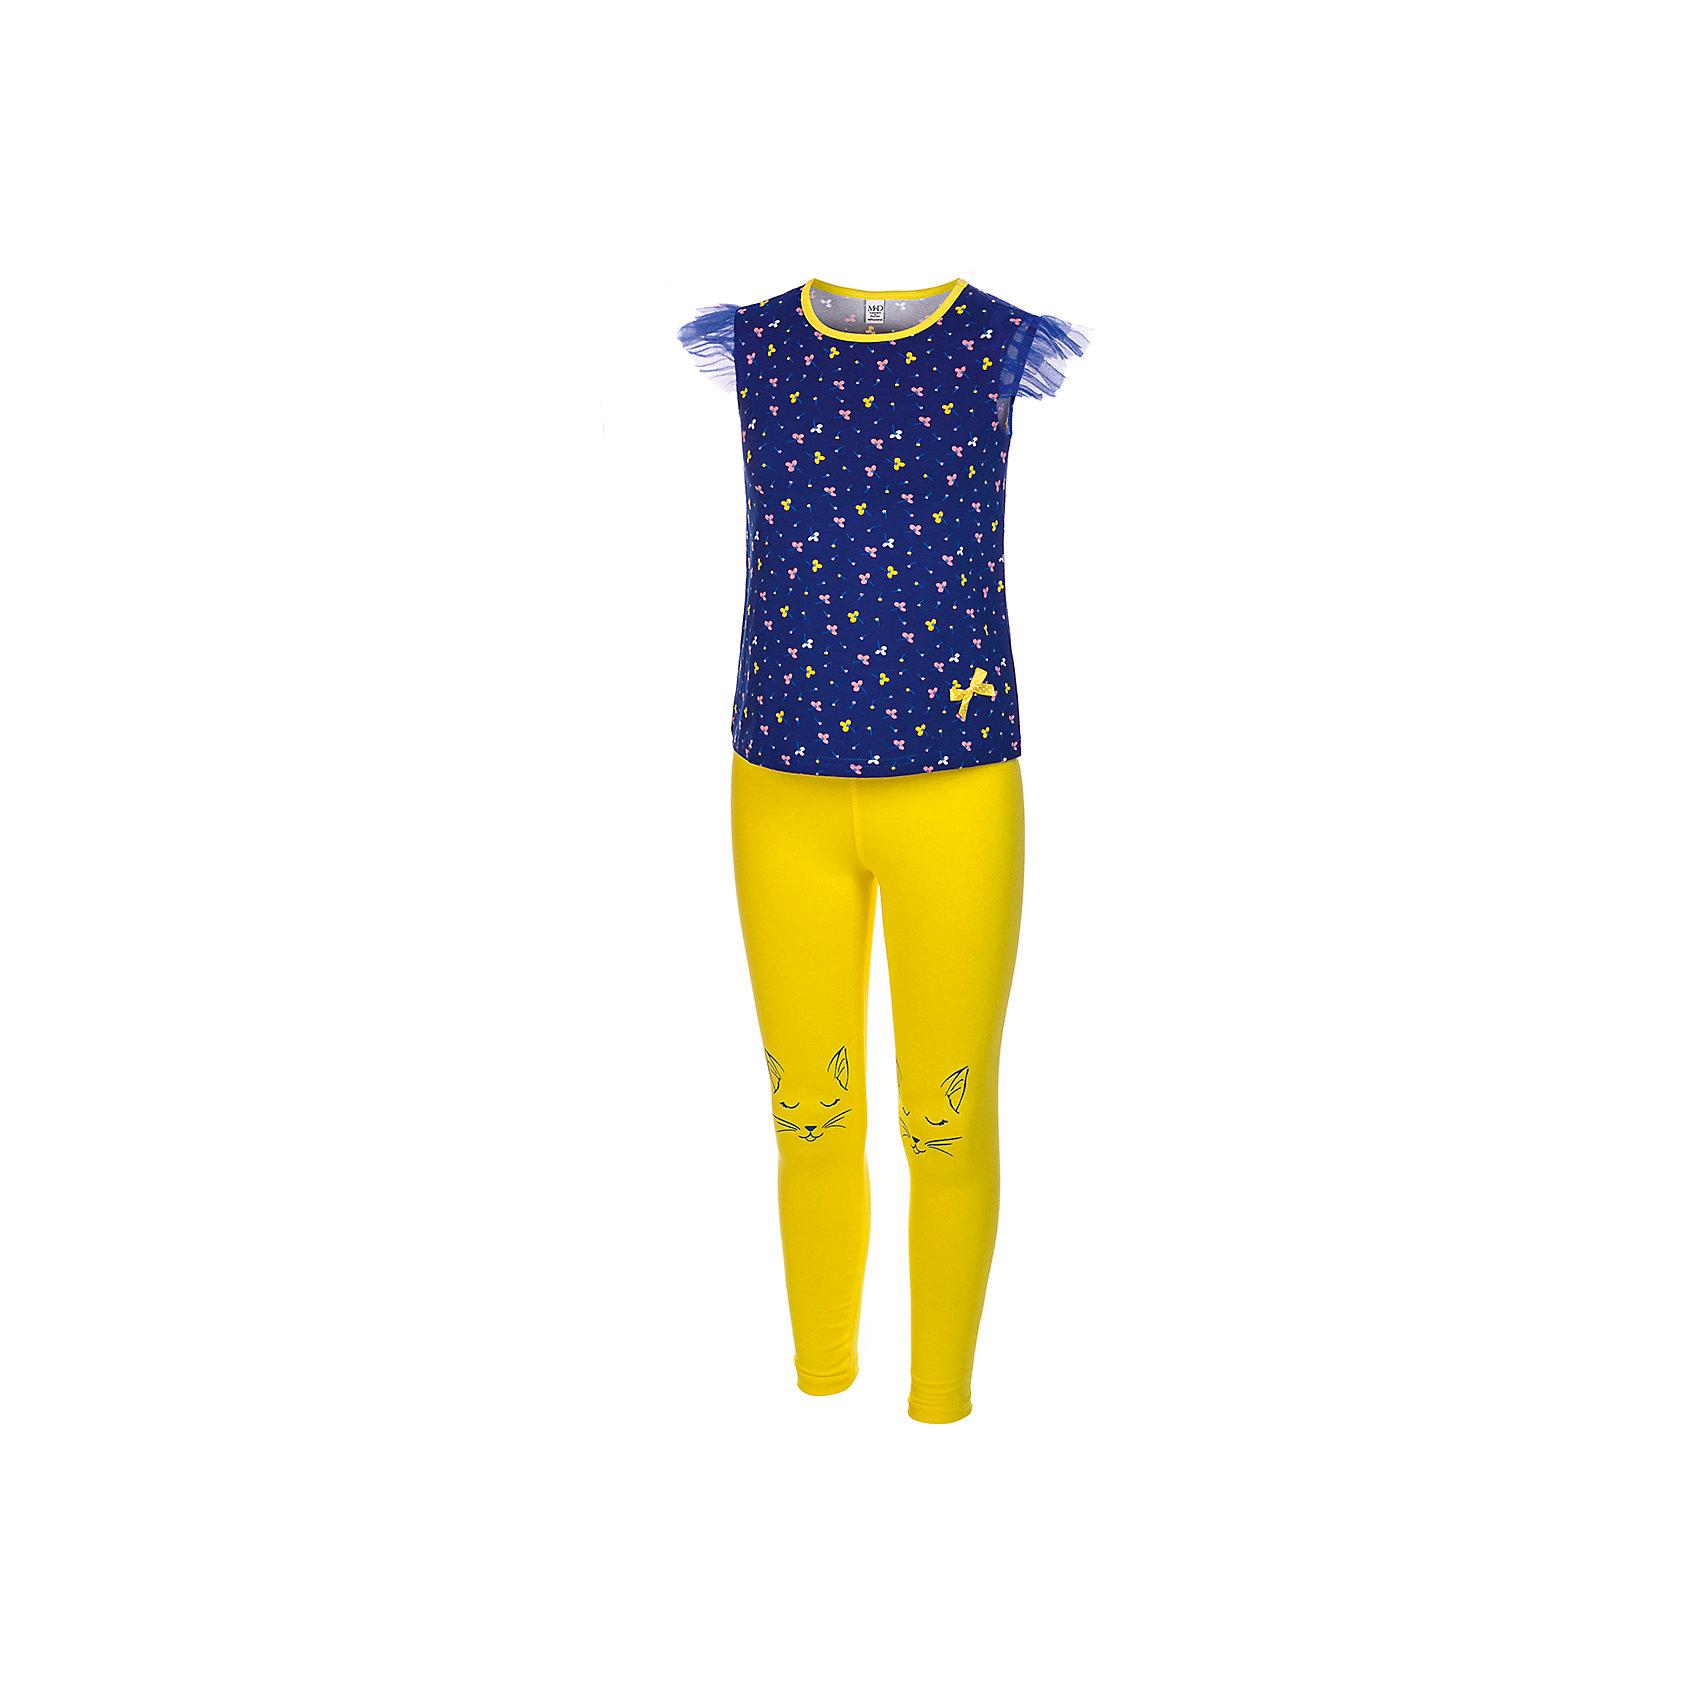 Комплект: футболка и леггинсы M&amp;D для девочкиКомплекты<br>Комплект для девочки:футболка и лосины.Соответствуют размеру.<br>Состав:<br>100% хлопок<br><br>Ширина мм: 123<br>Глубина мм: 10<br>Высота мм: 149<br>Вес г: 209<br>Цвет: белый<br>Возраст от месяцев: 48<br>Возраст до месяцев: 60<br>Пол: Женский<br>Возраст: Детский<br>Размер: 110,104<br>SKU: 7012581